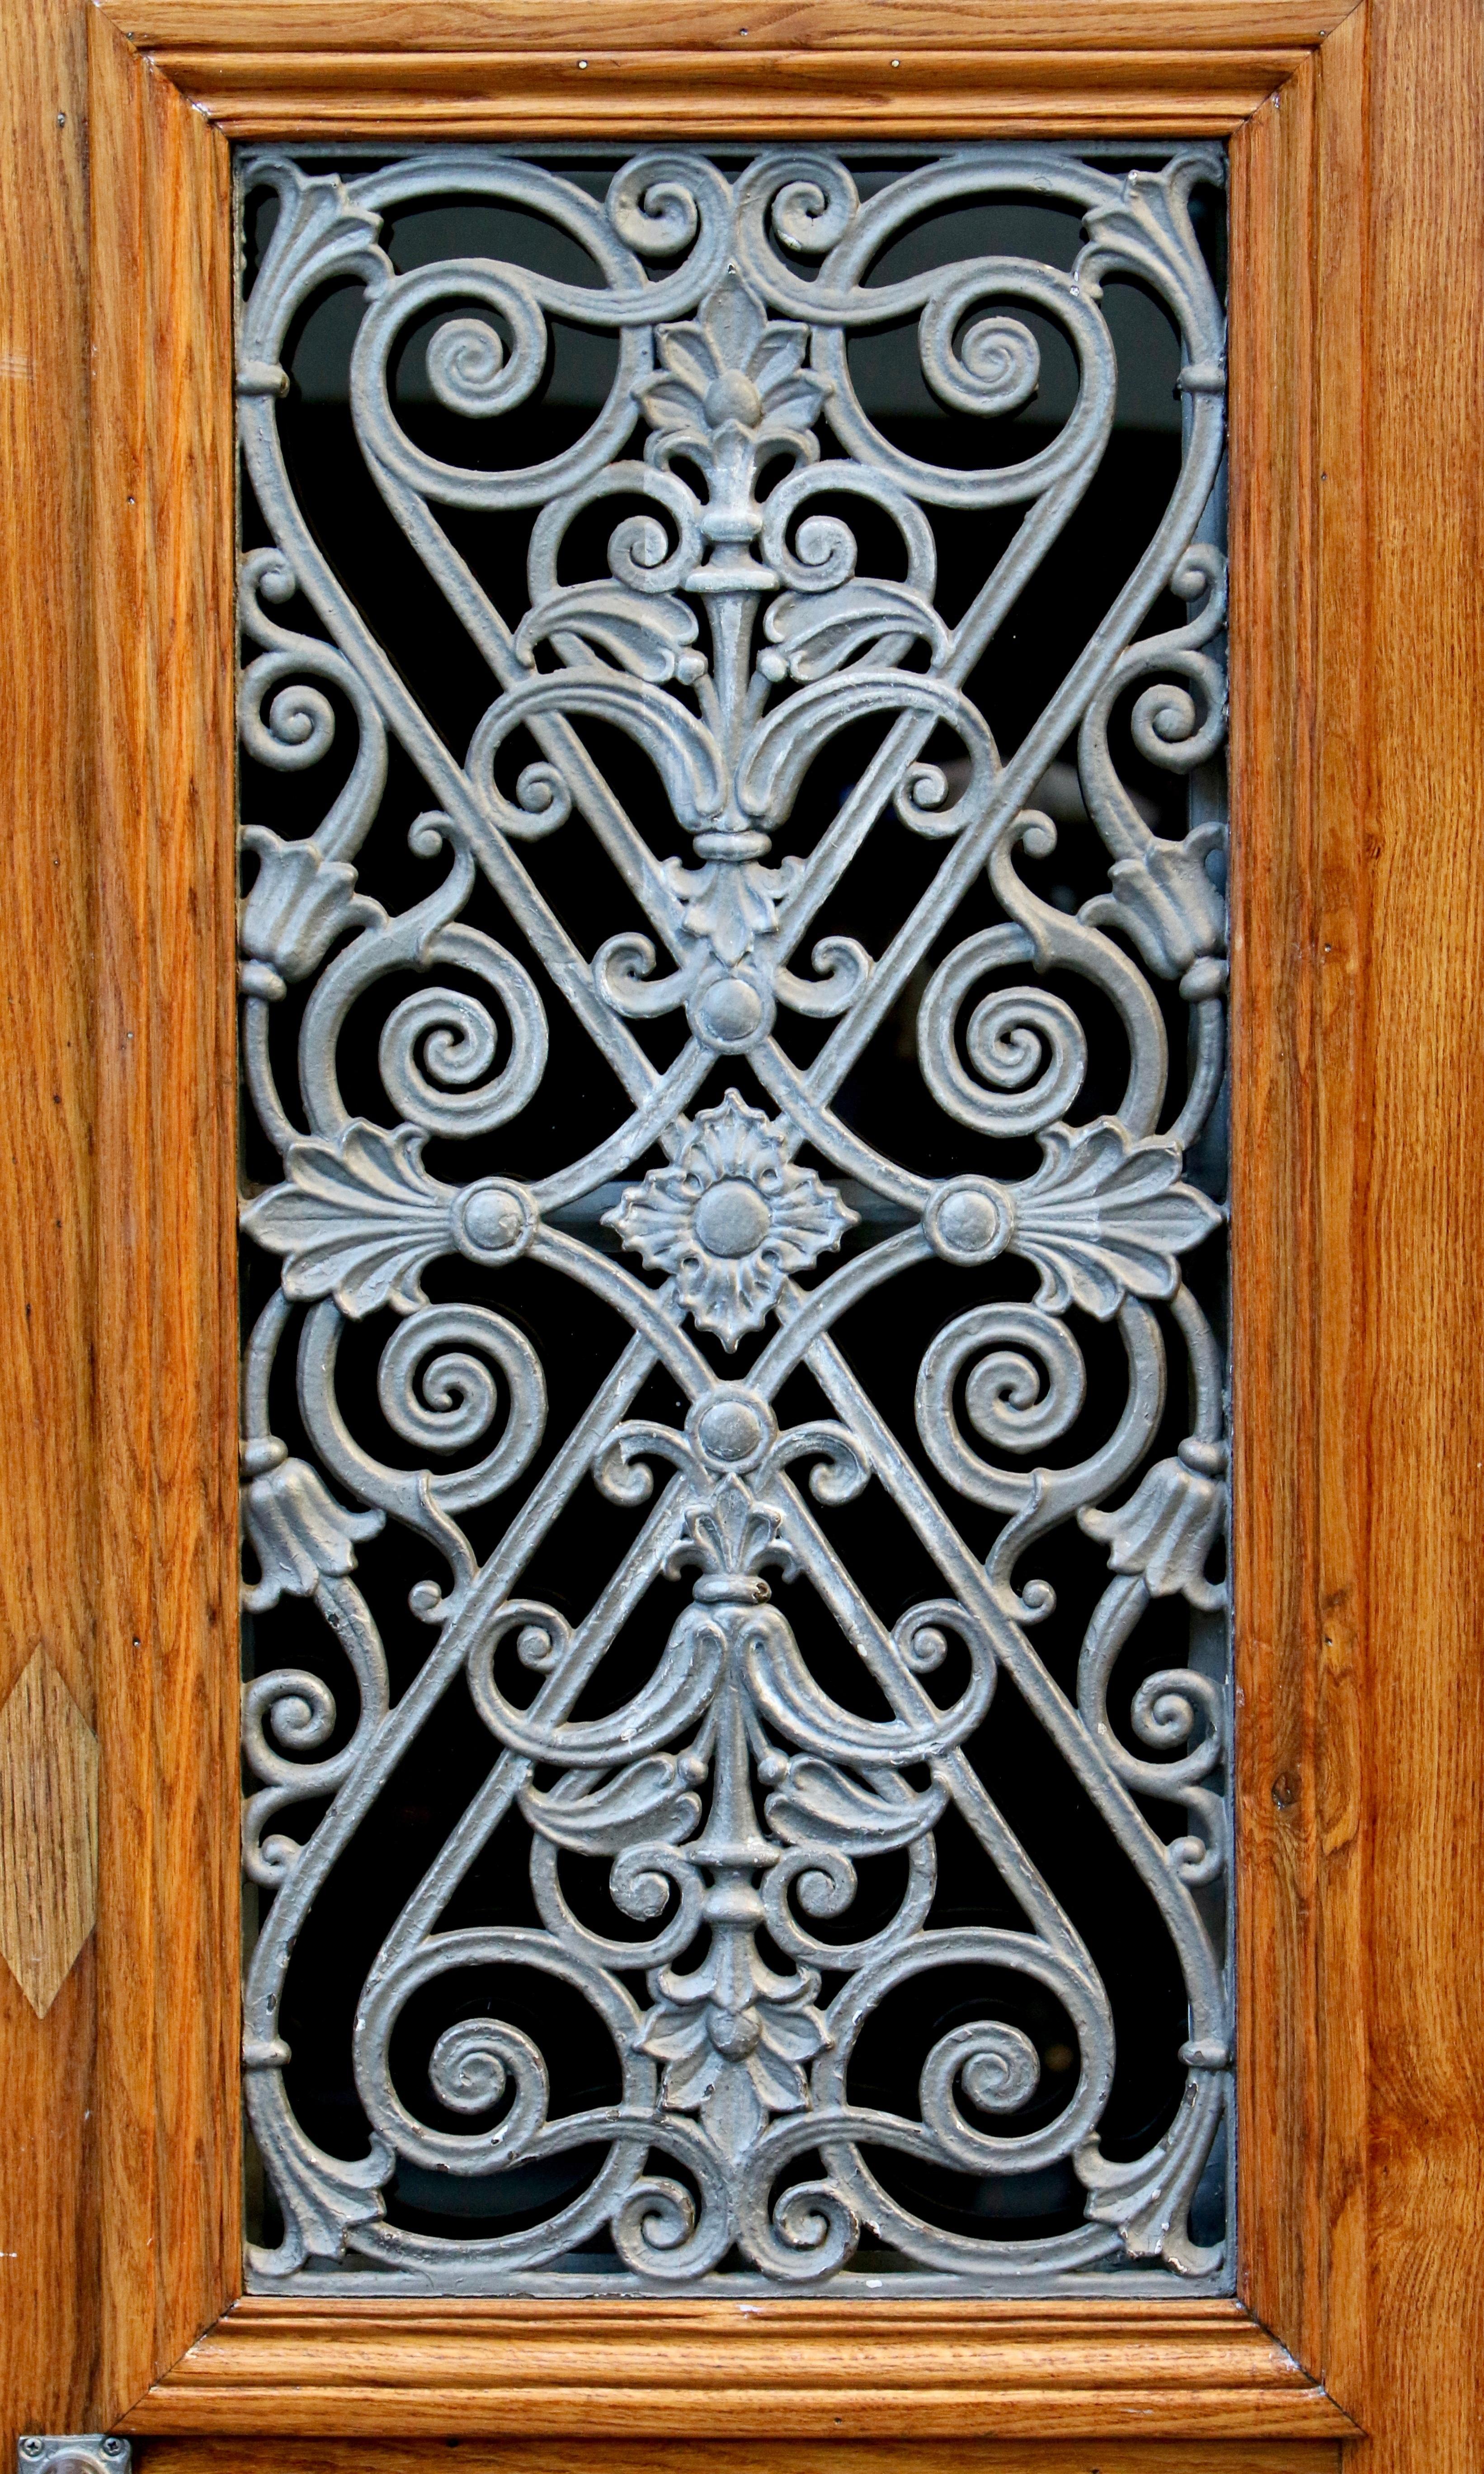 Fotos gratis : ventana, vaso, patrón, metal, portón, puerta ...